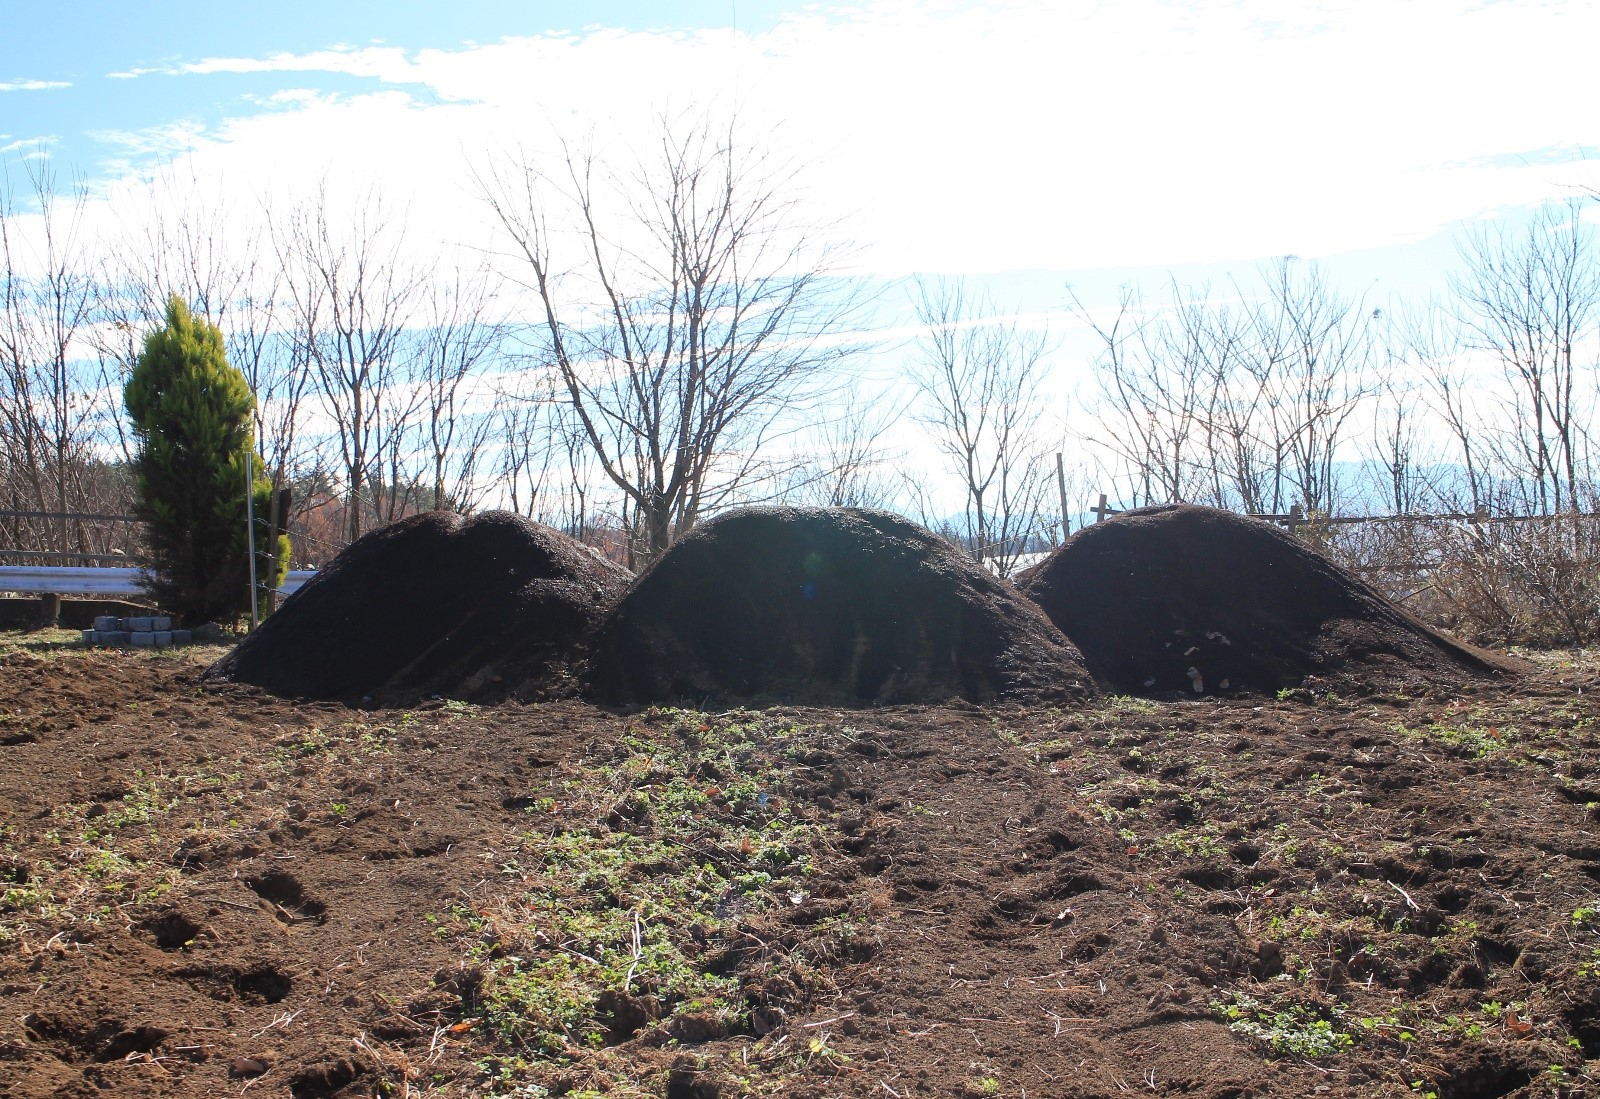 堆肥の山は八ヶ岳? 堆肥散布と害獣ネット